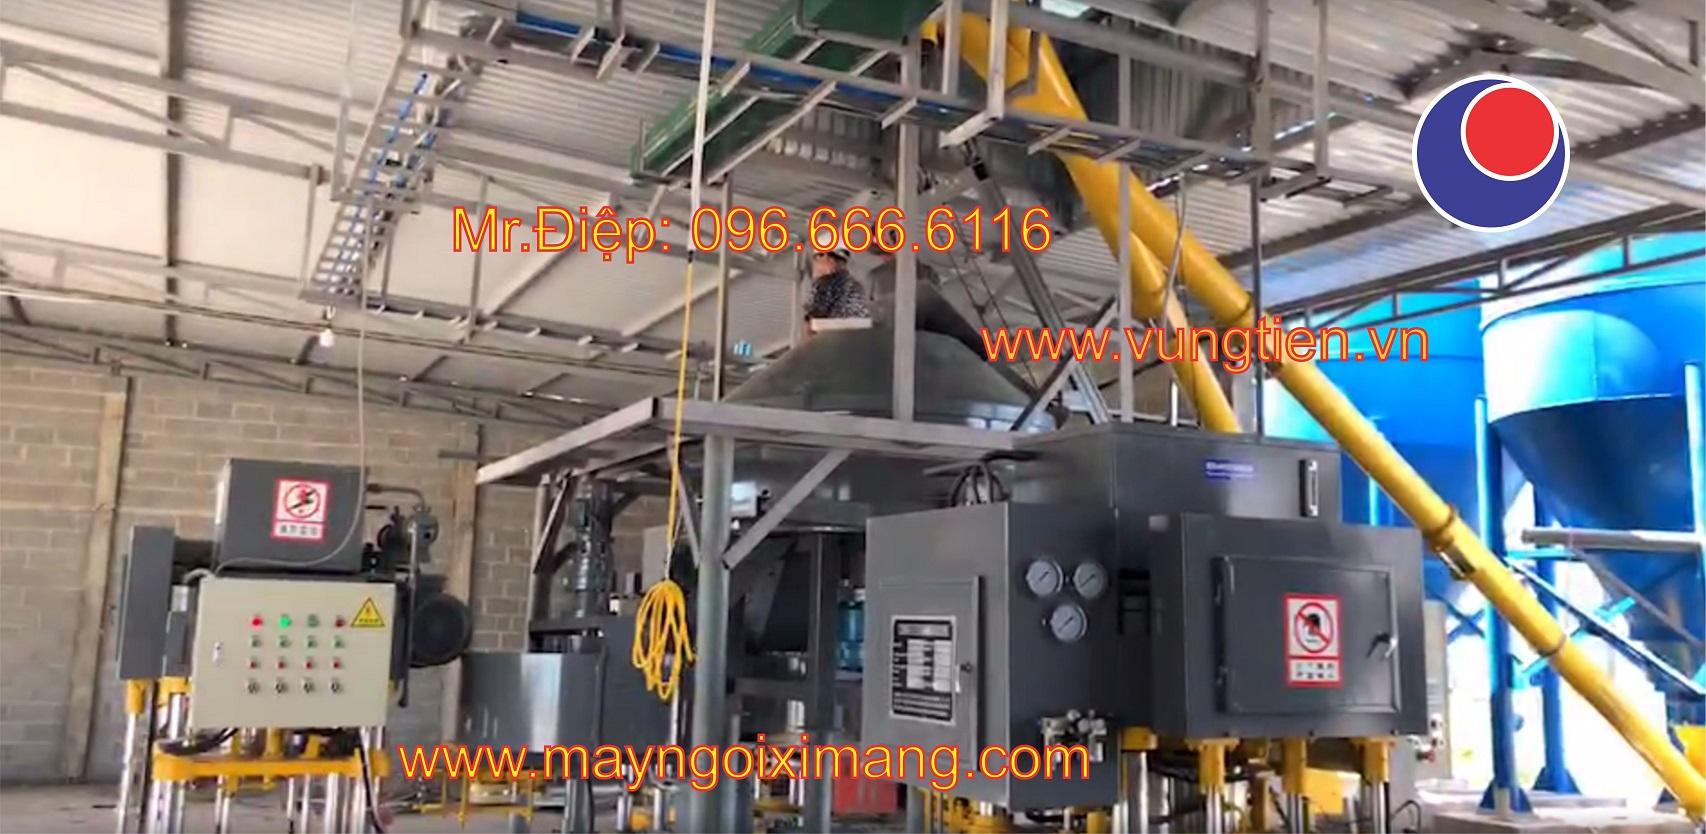 Lắp ráp bộ ba máy ép ngói xi măng tháng 102019